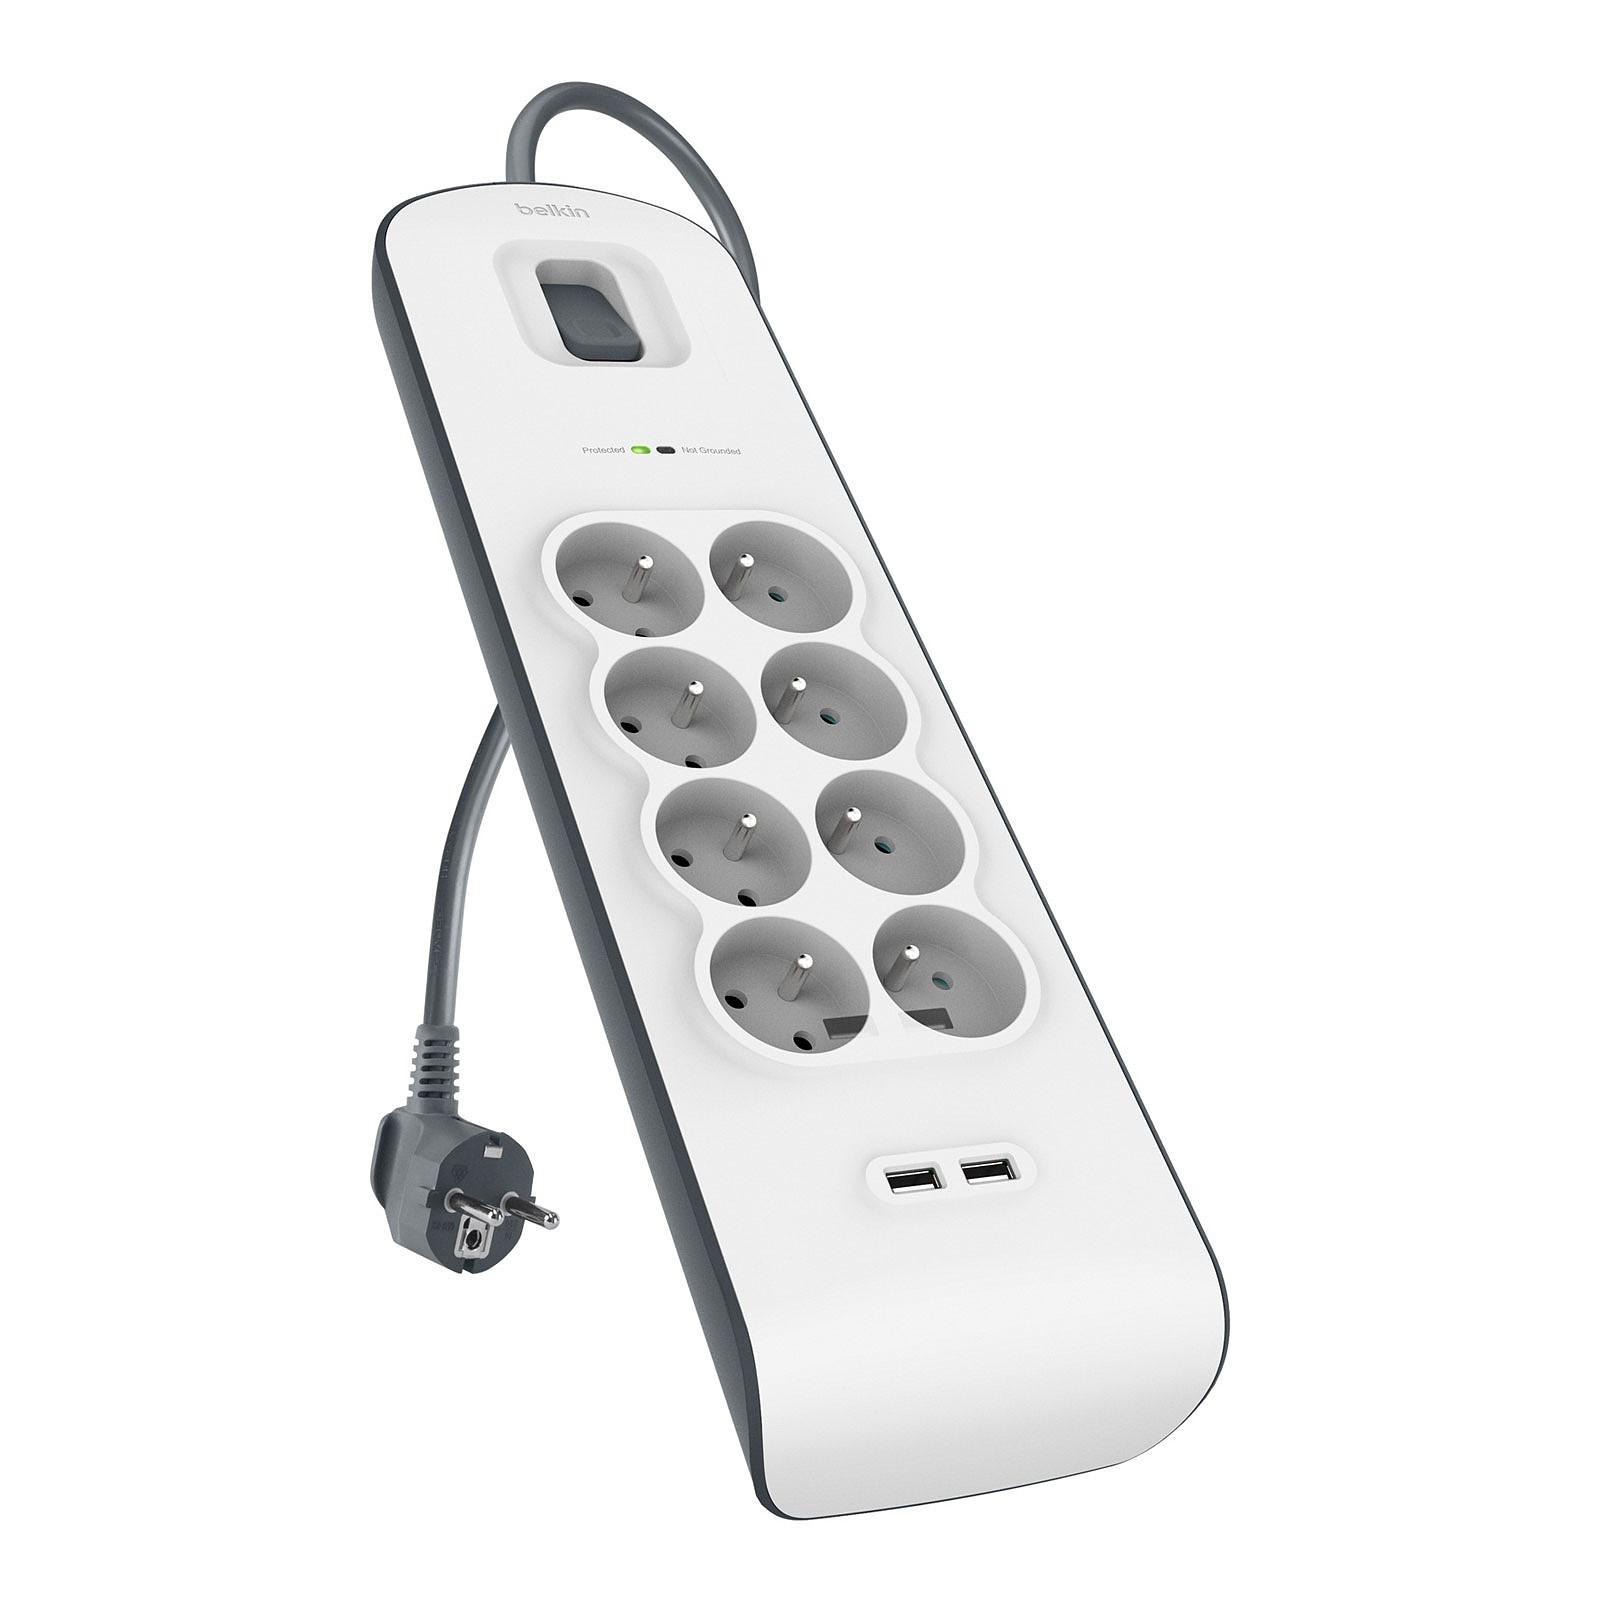 Belkin regleta pararrayos (8 tomas de corriente + 2 tomas USB)